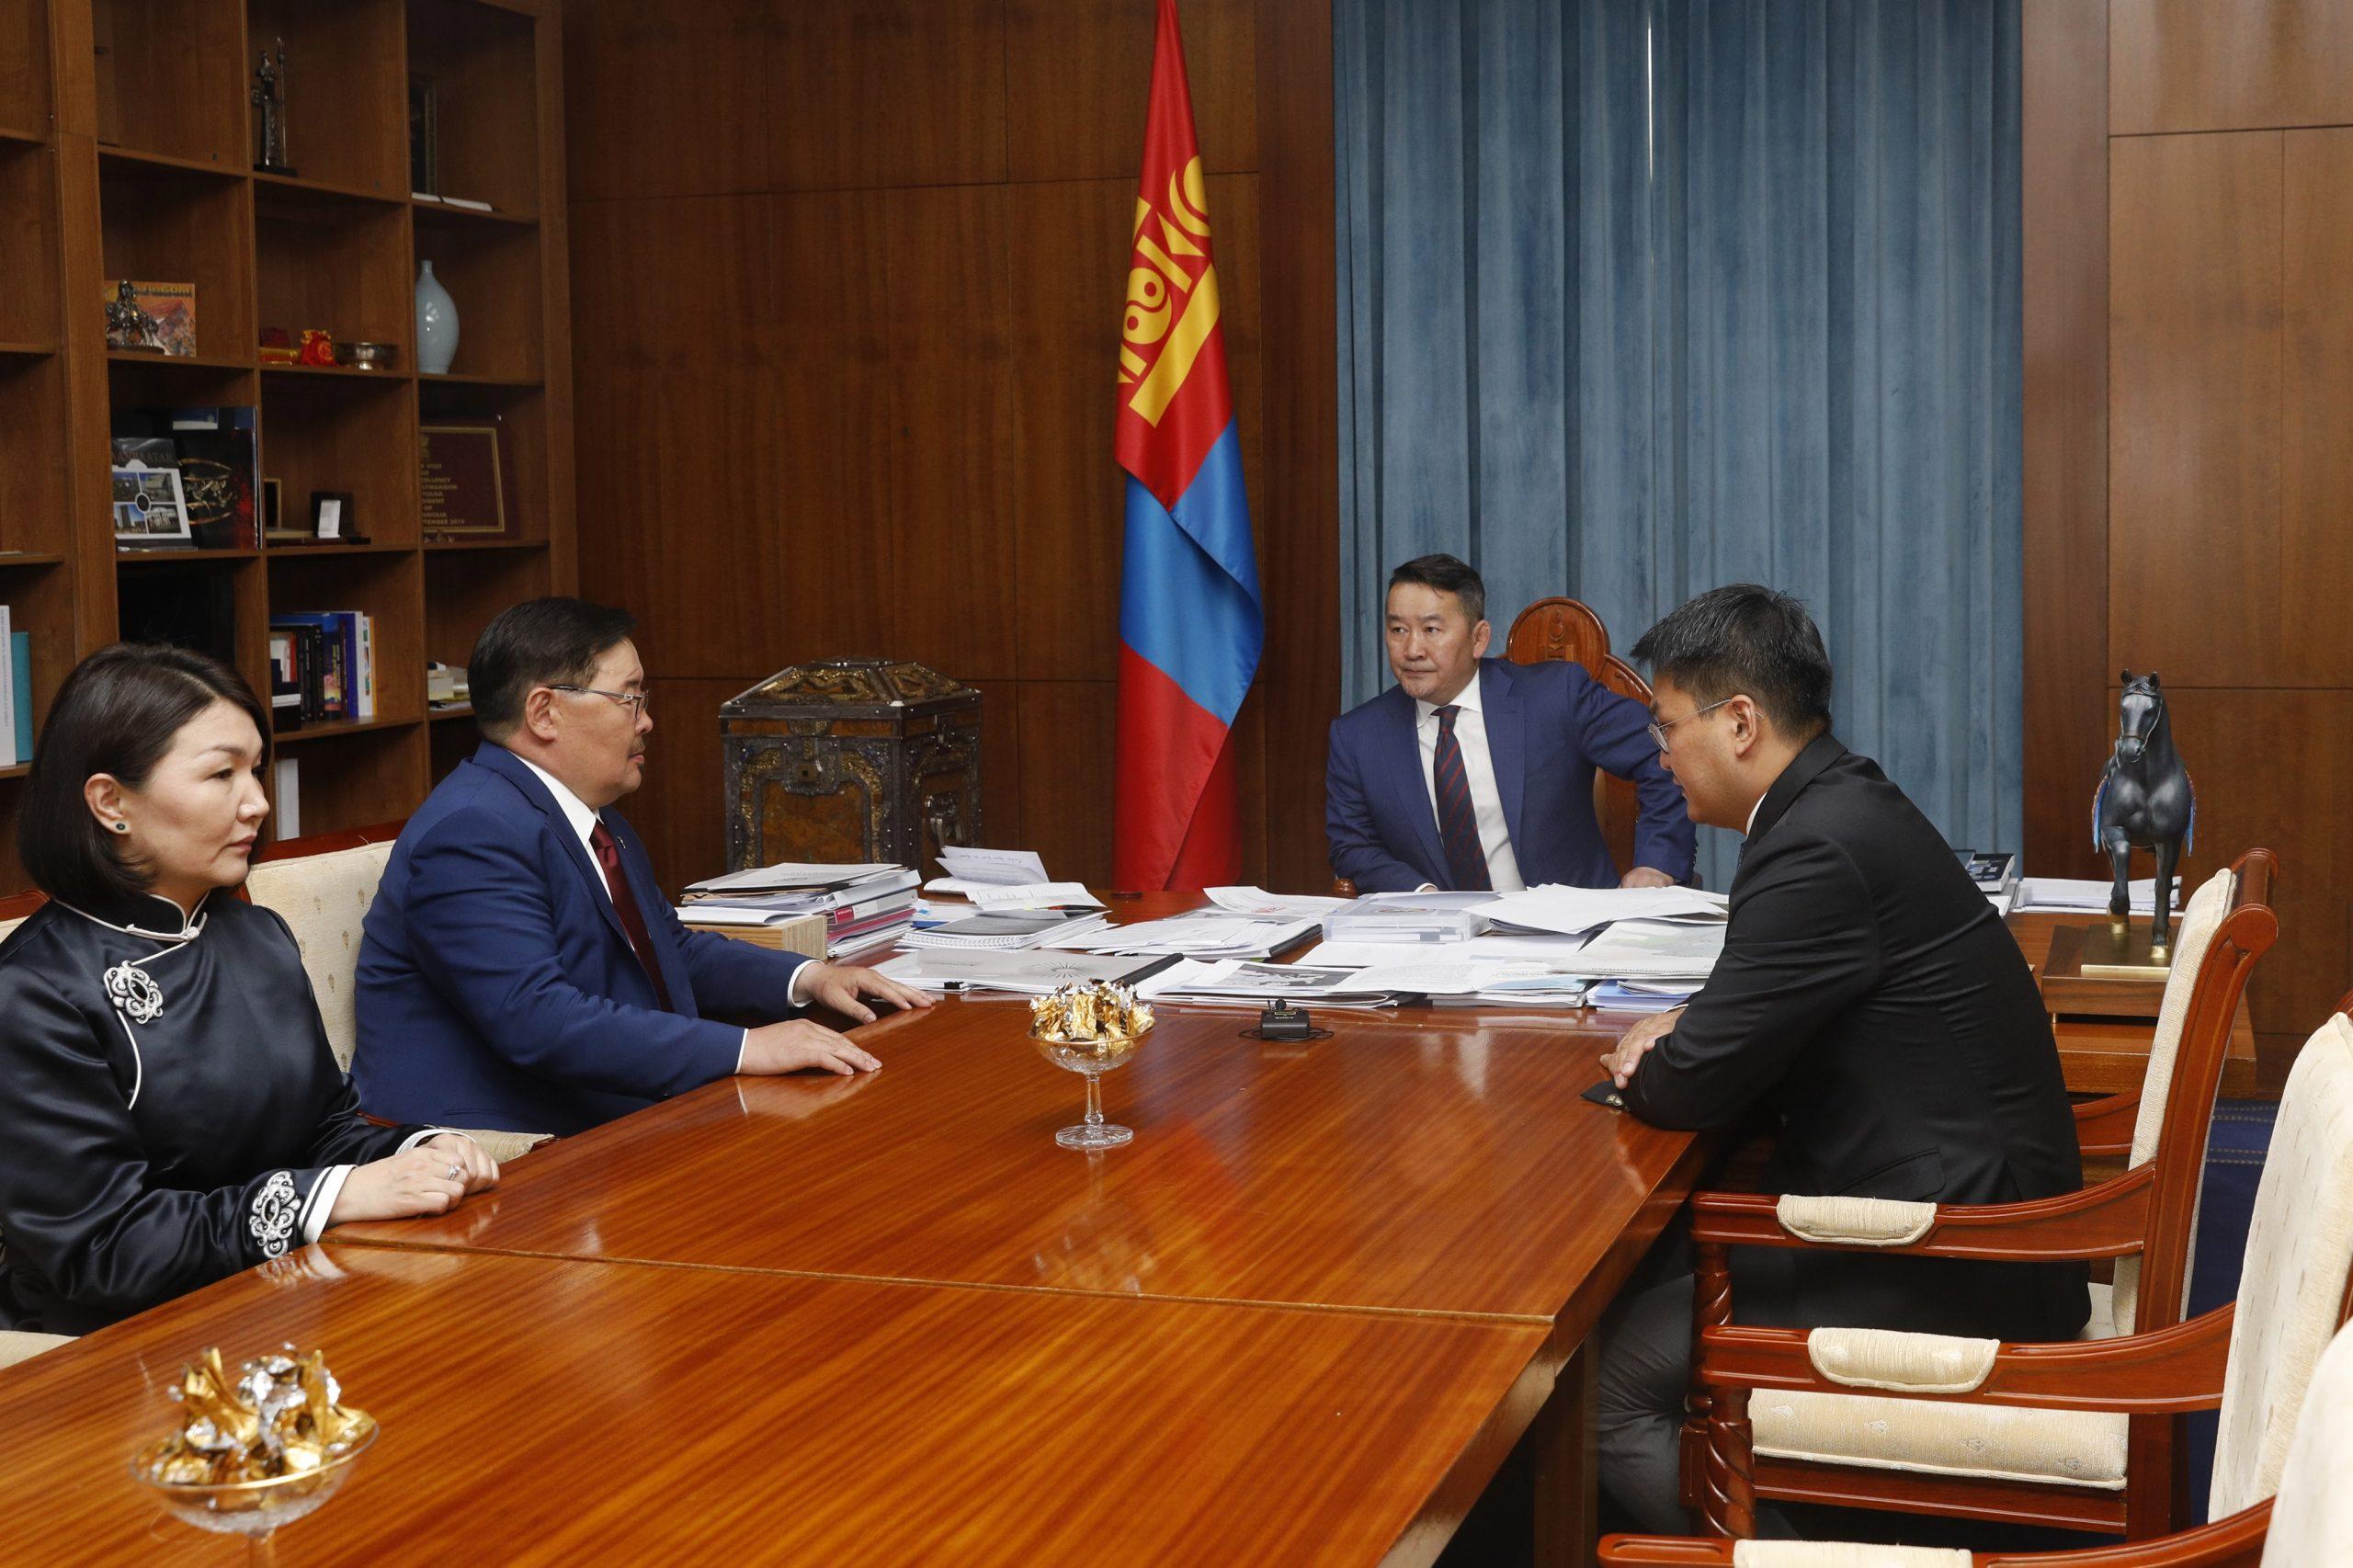 Улиран сонгогдсон УИХ-ын дарга Г.Занданшатар Монгол Улсын Ерөнхийлөгч Х.Баттулгад бараалхлаа